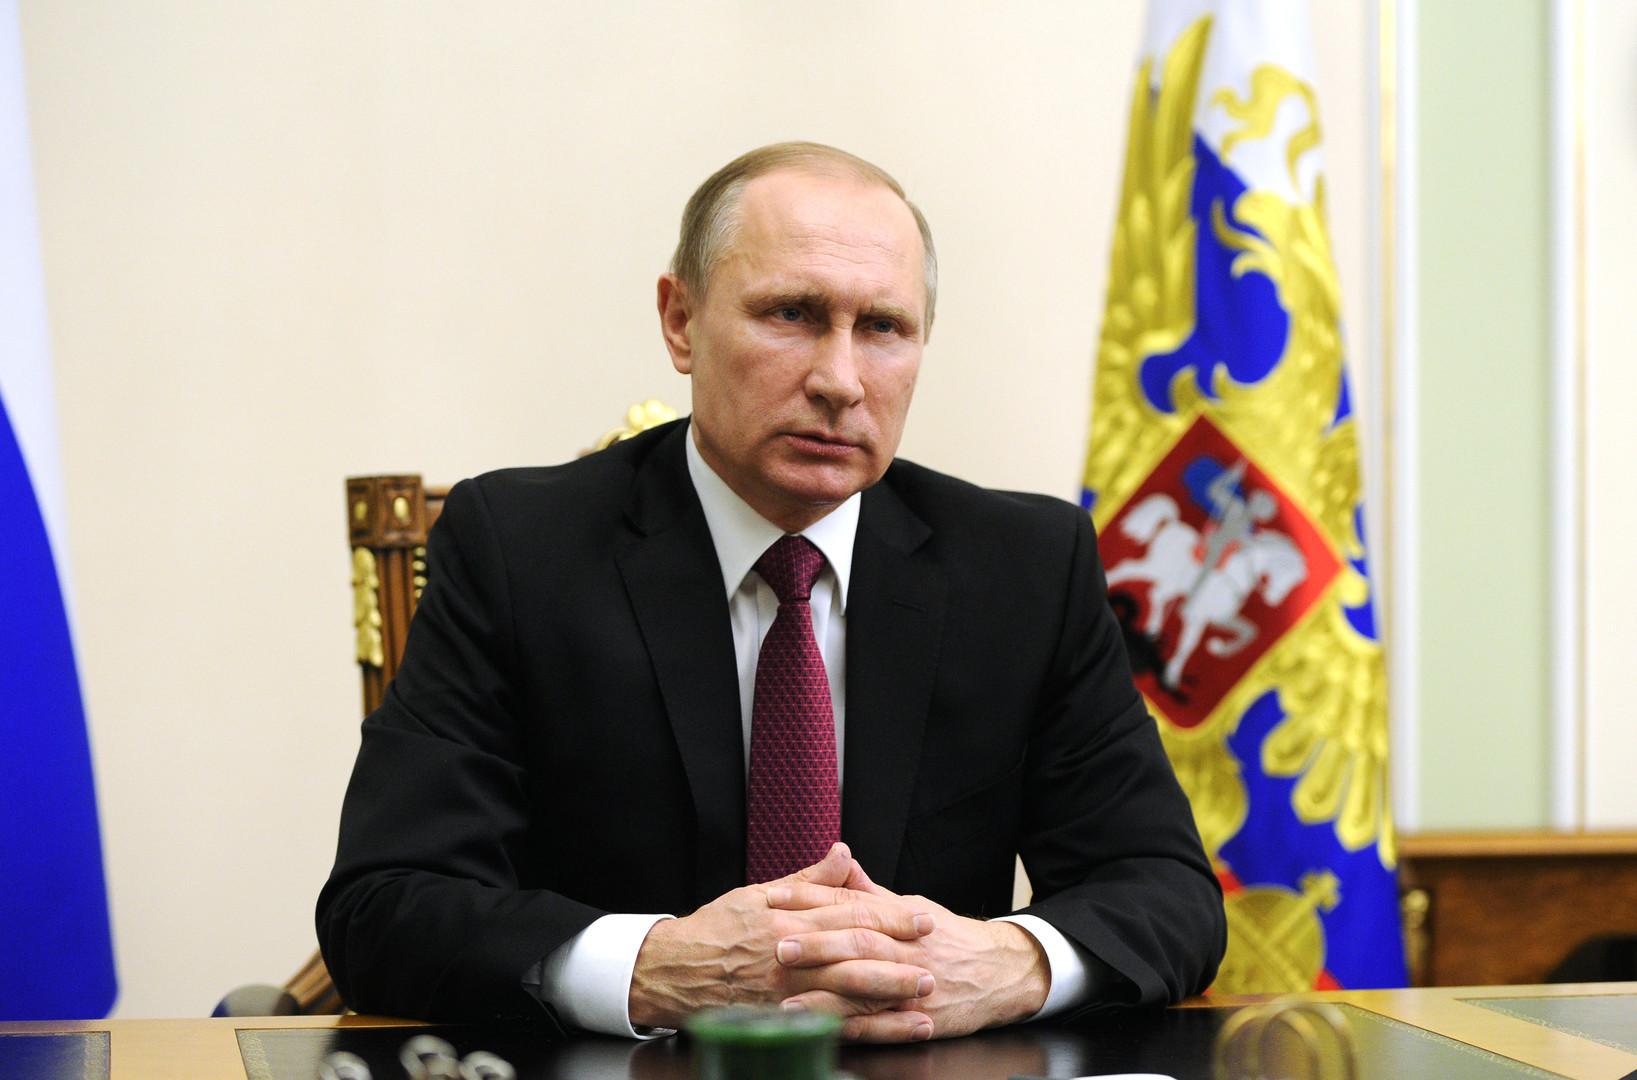 Sergueï Lavrov en visite à Alger : crises syrienne, libyenne et pétrolière au menu